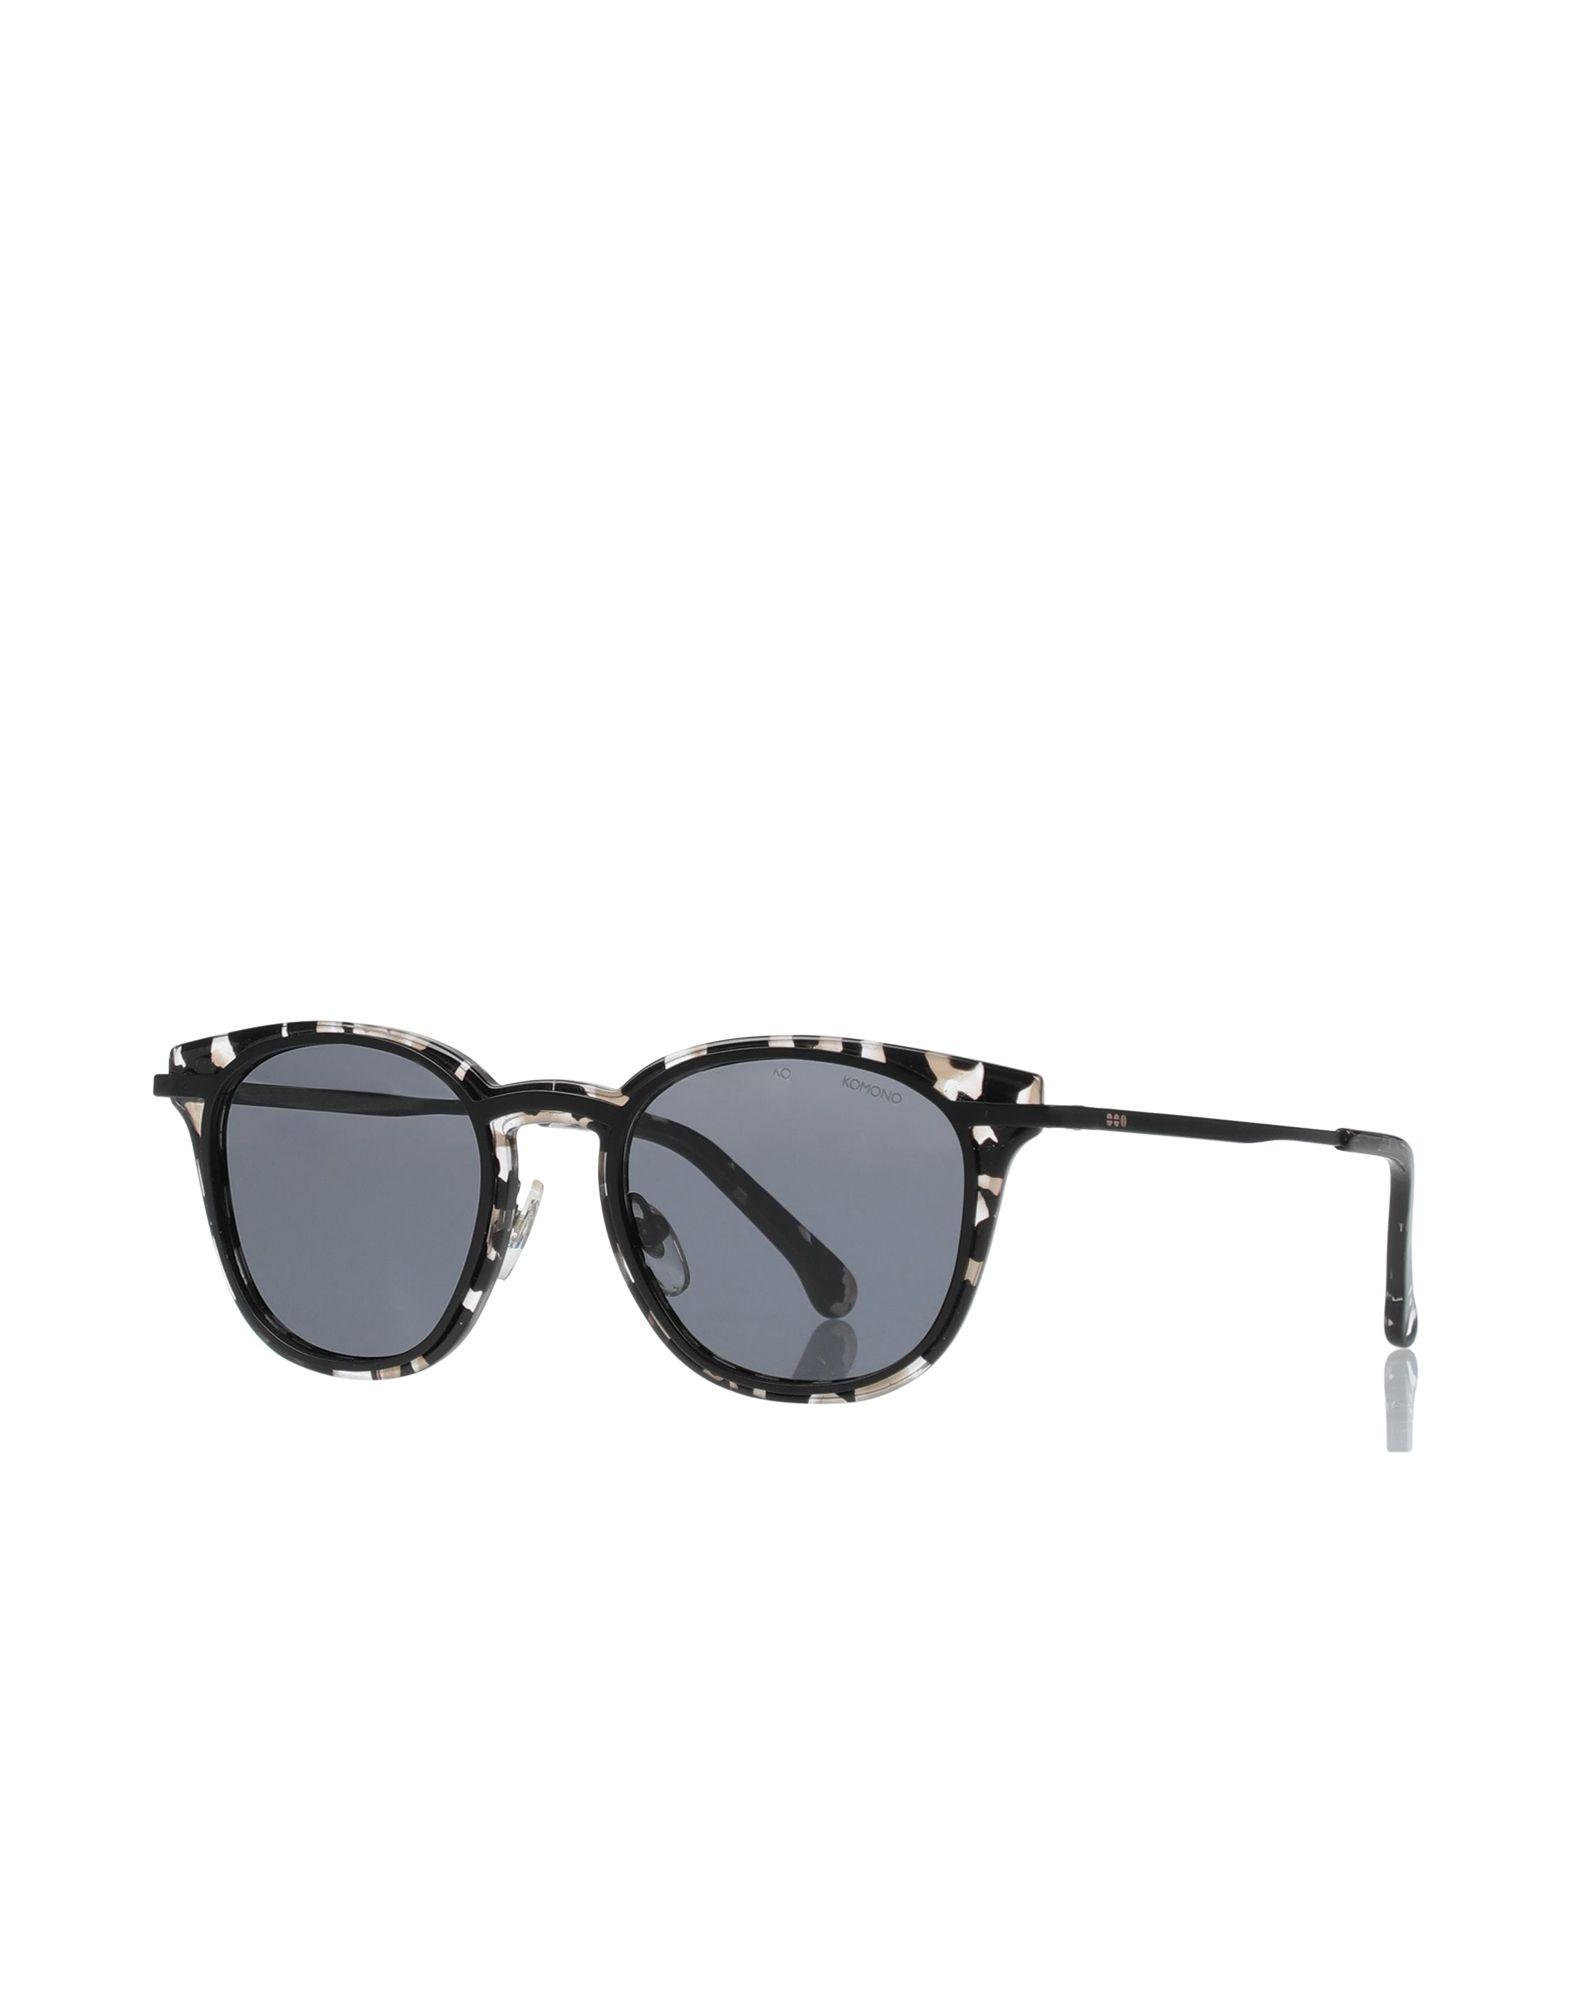 KOMONO Солнечные очки очки поляризационные cafa france кафа франц cf919